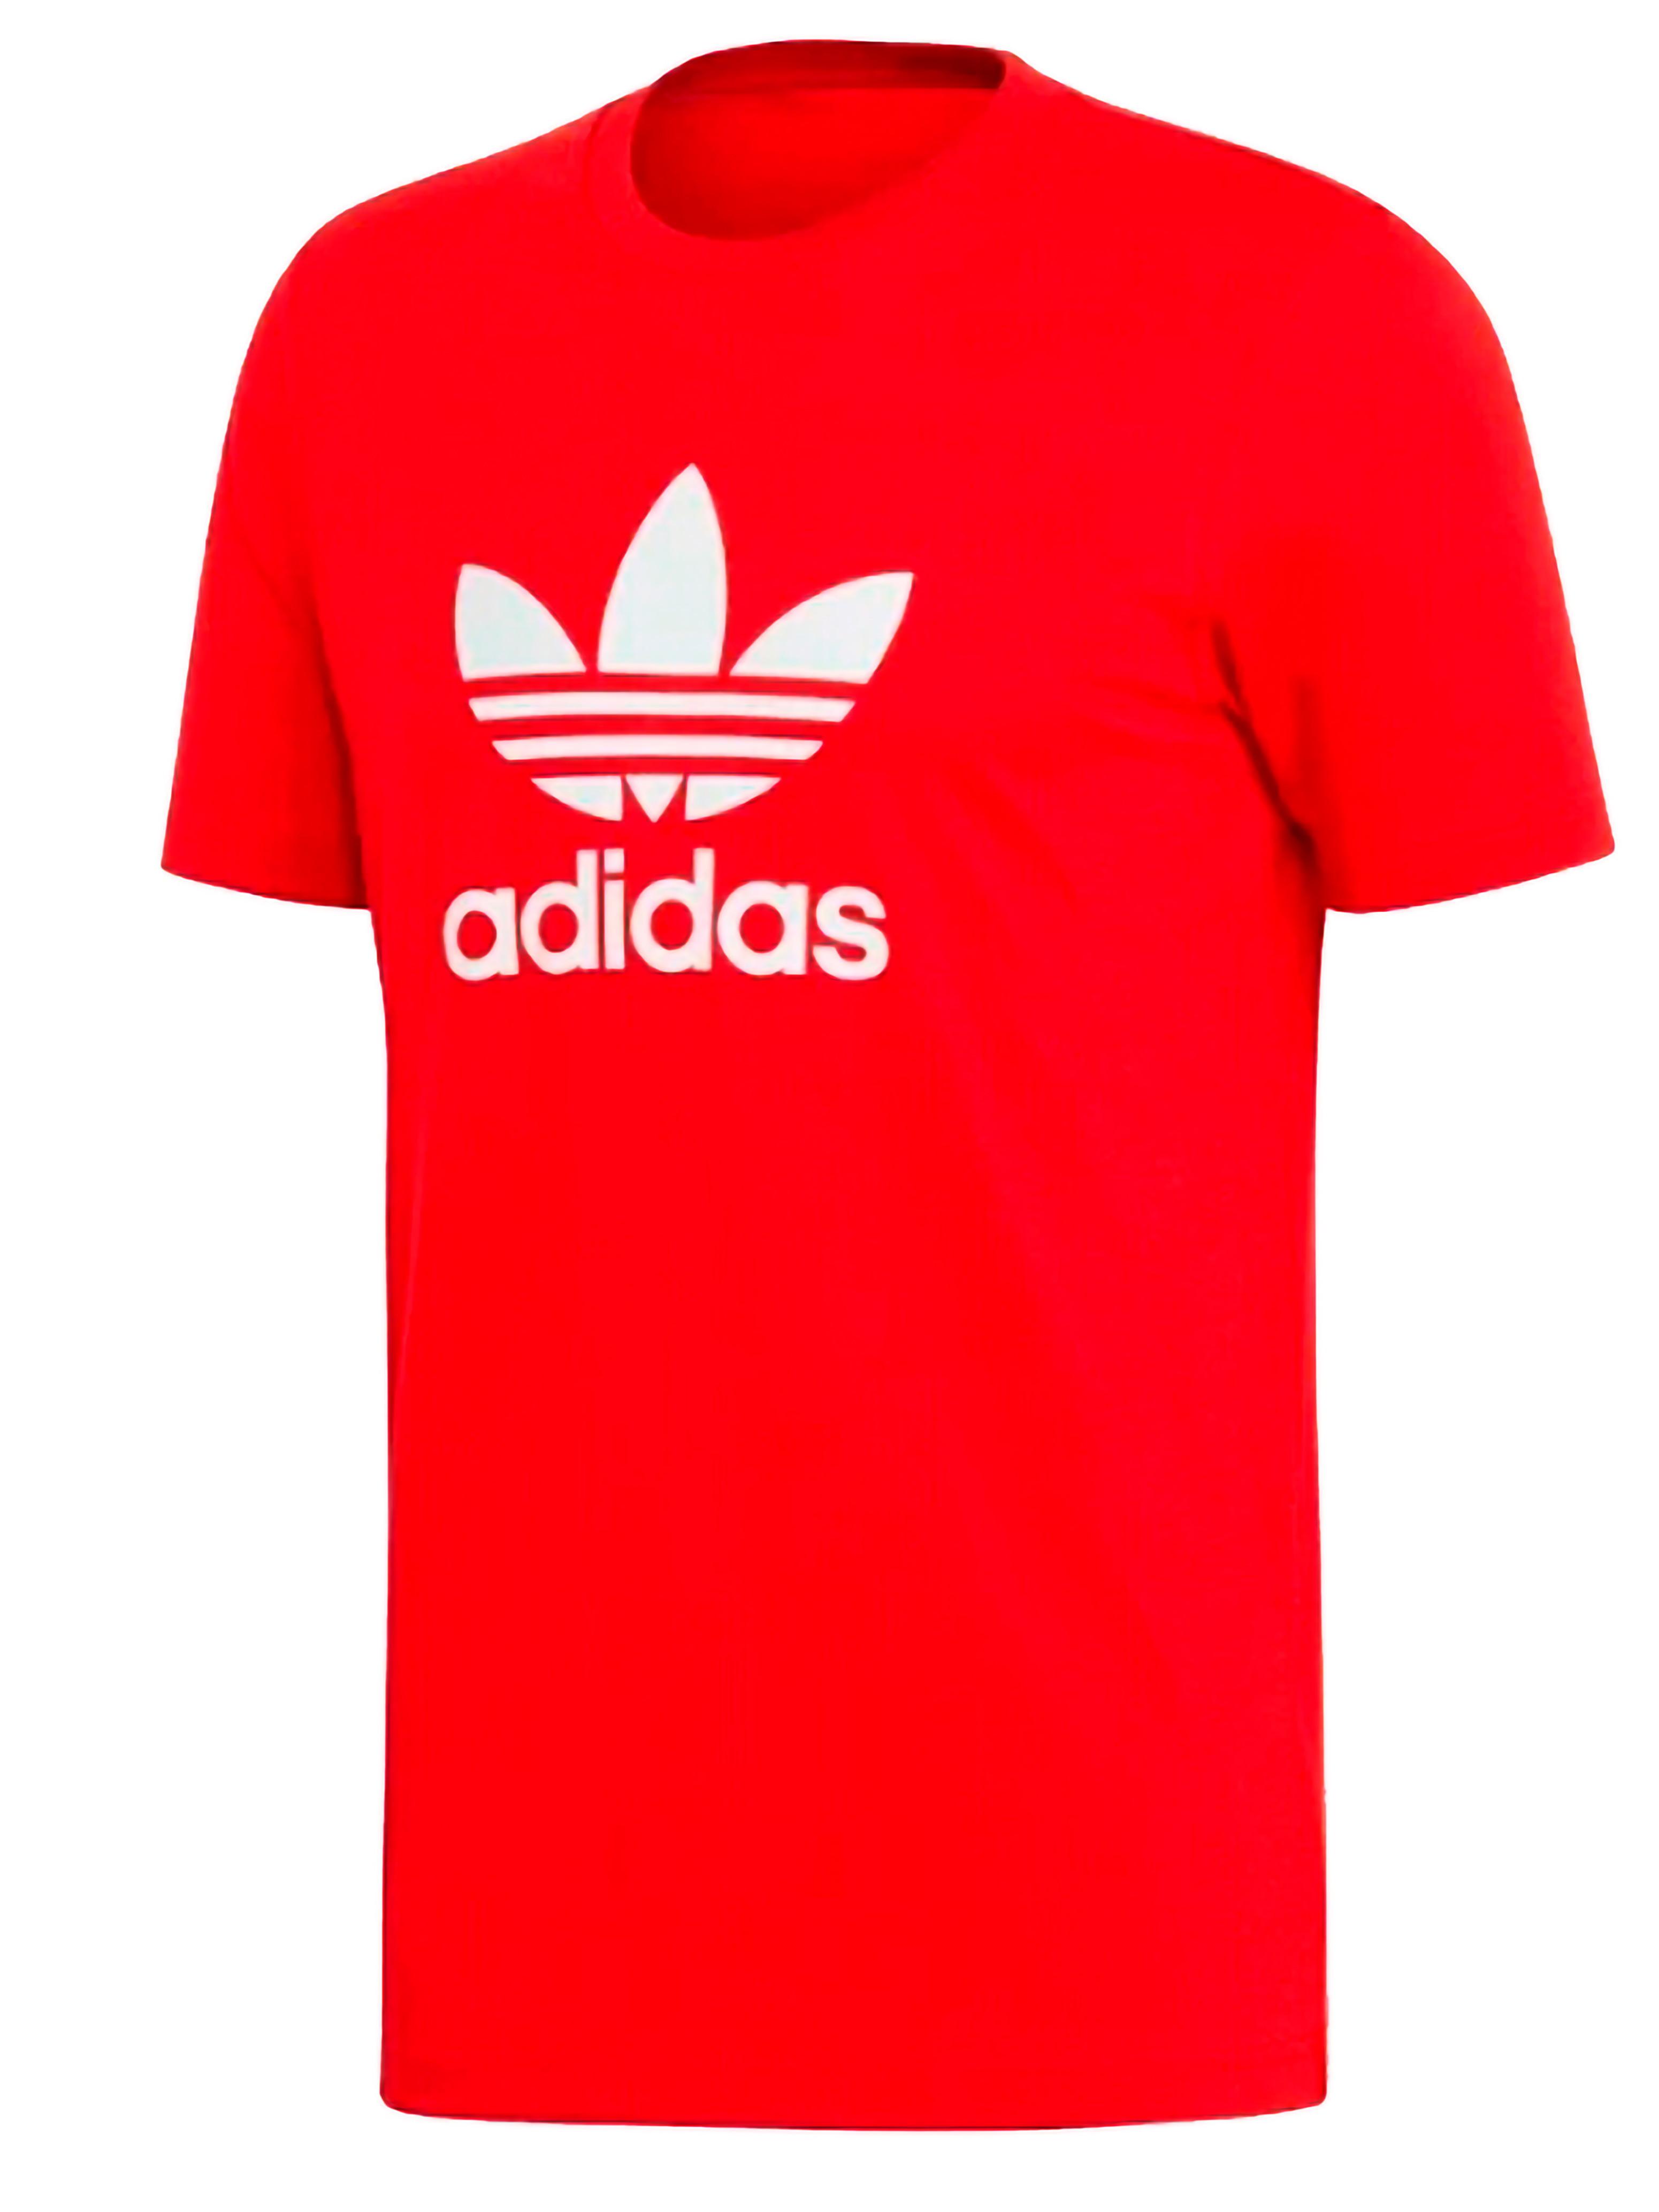 molécula Calígrafo brecha  CAMISETA ADIDAS 100% algodão masculina no Elo7   camisetas persona (128F41A)